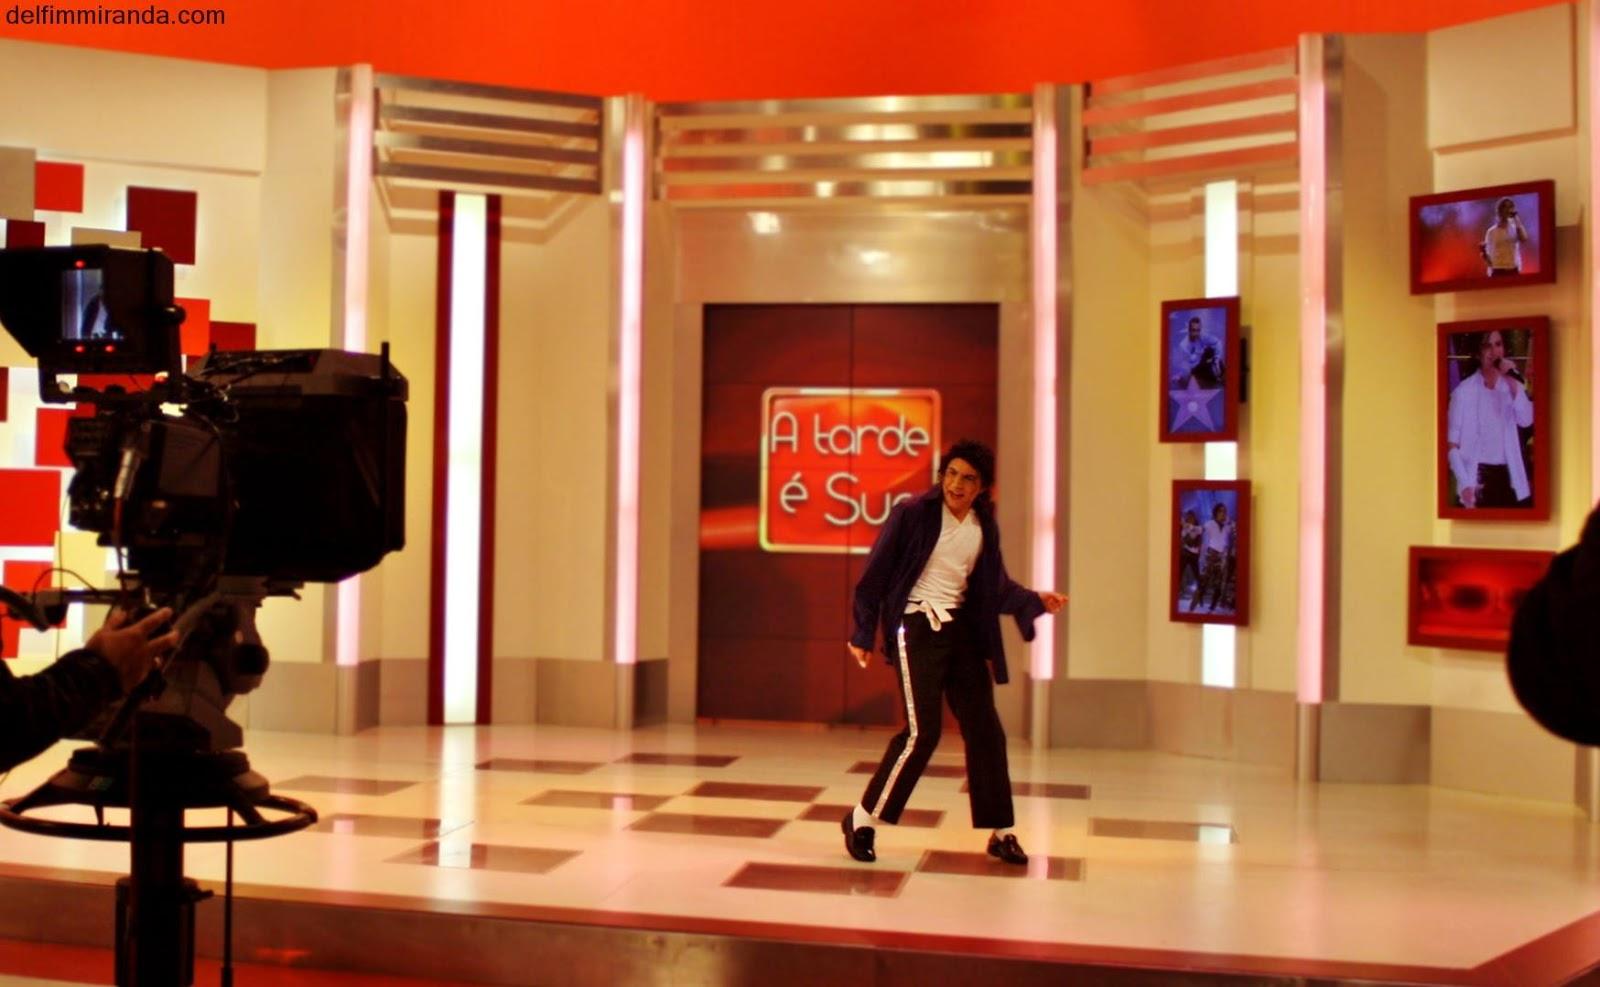 Delfim Miranda - Michael Jackson Tribute - A tarde é sua - TVI - Portugal - Live Performance